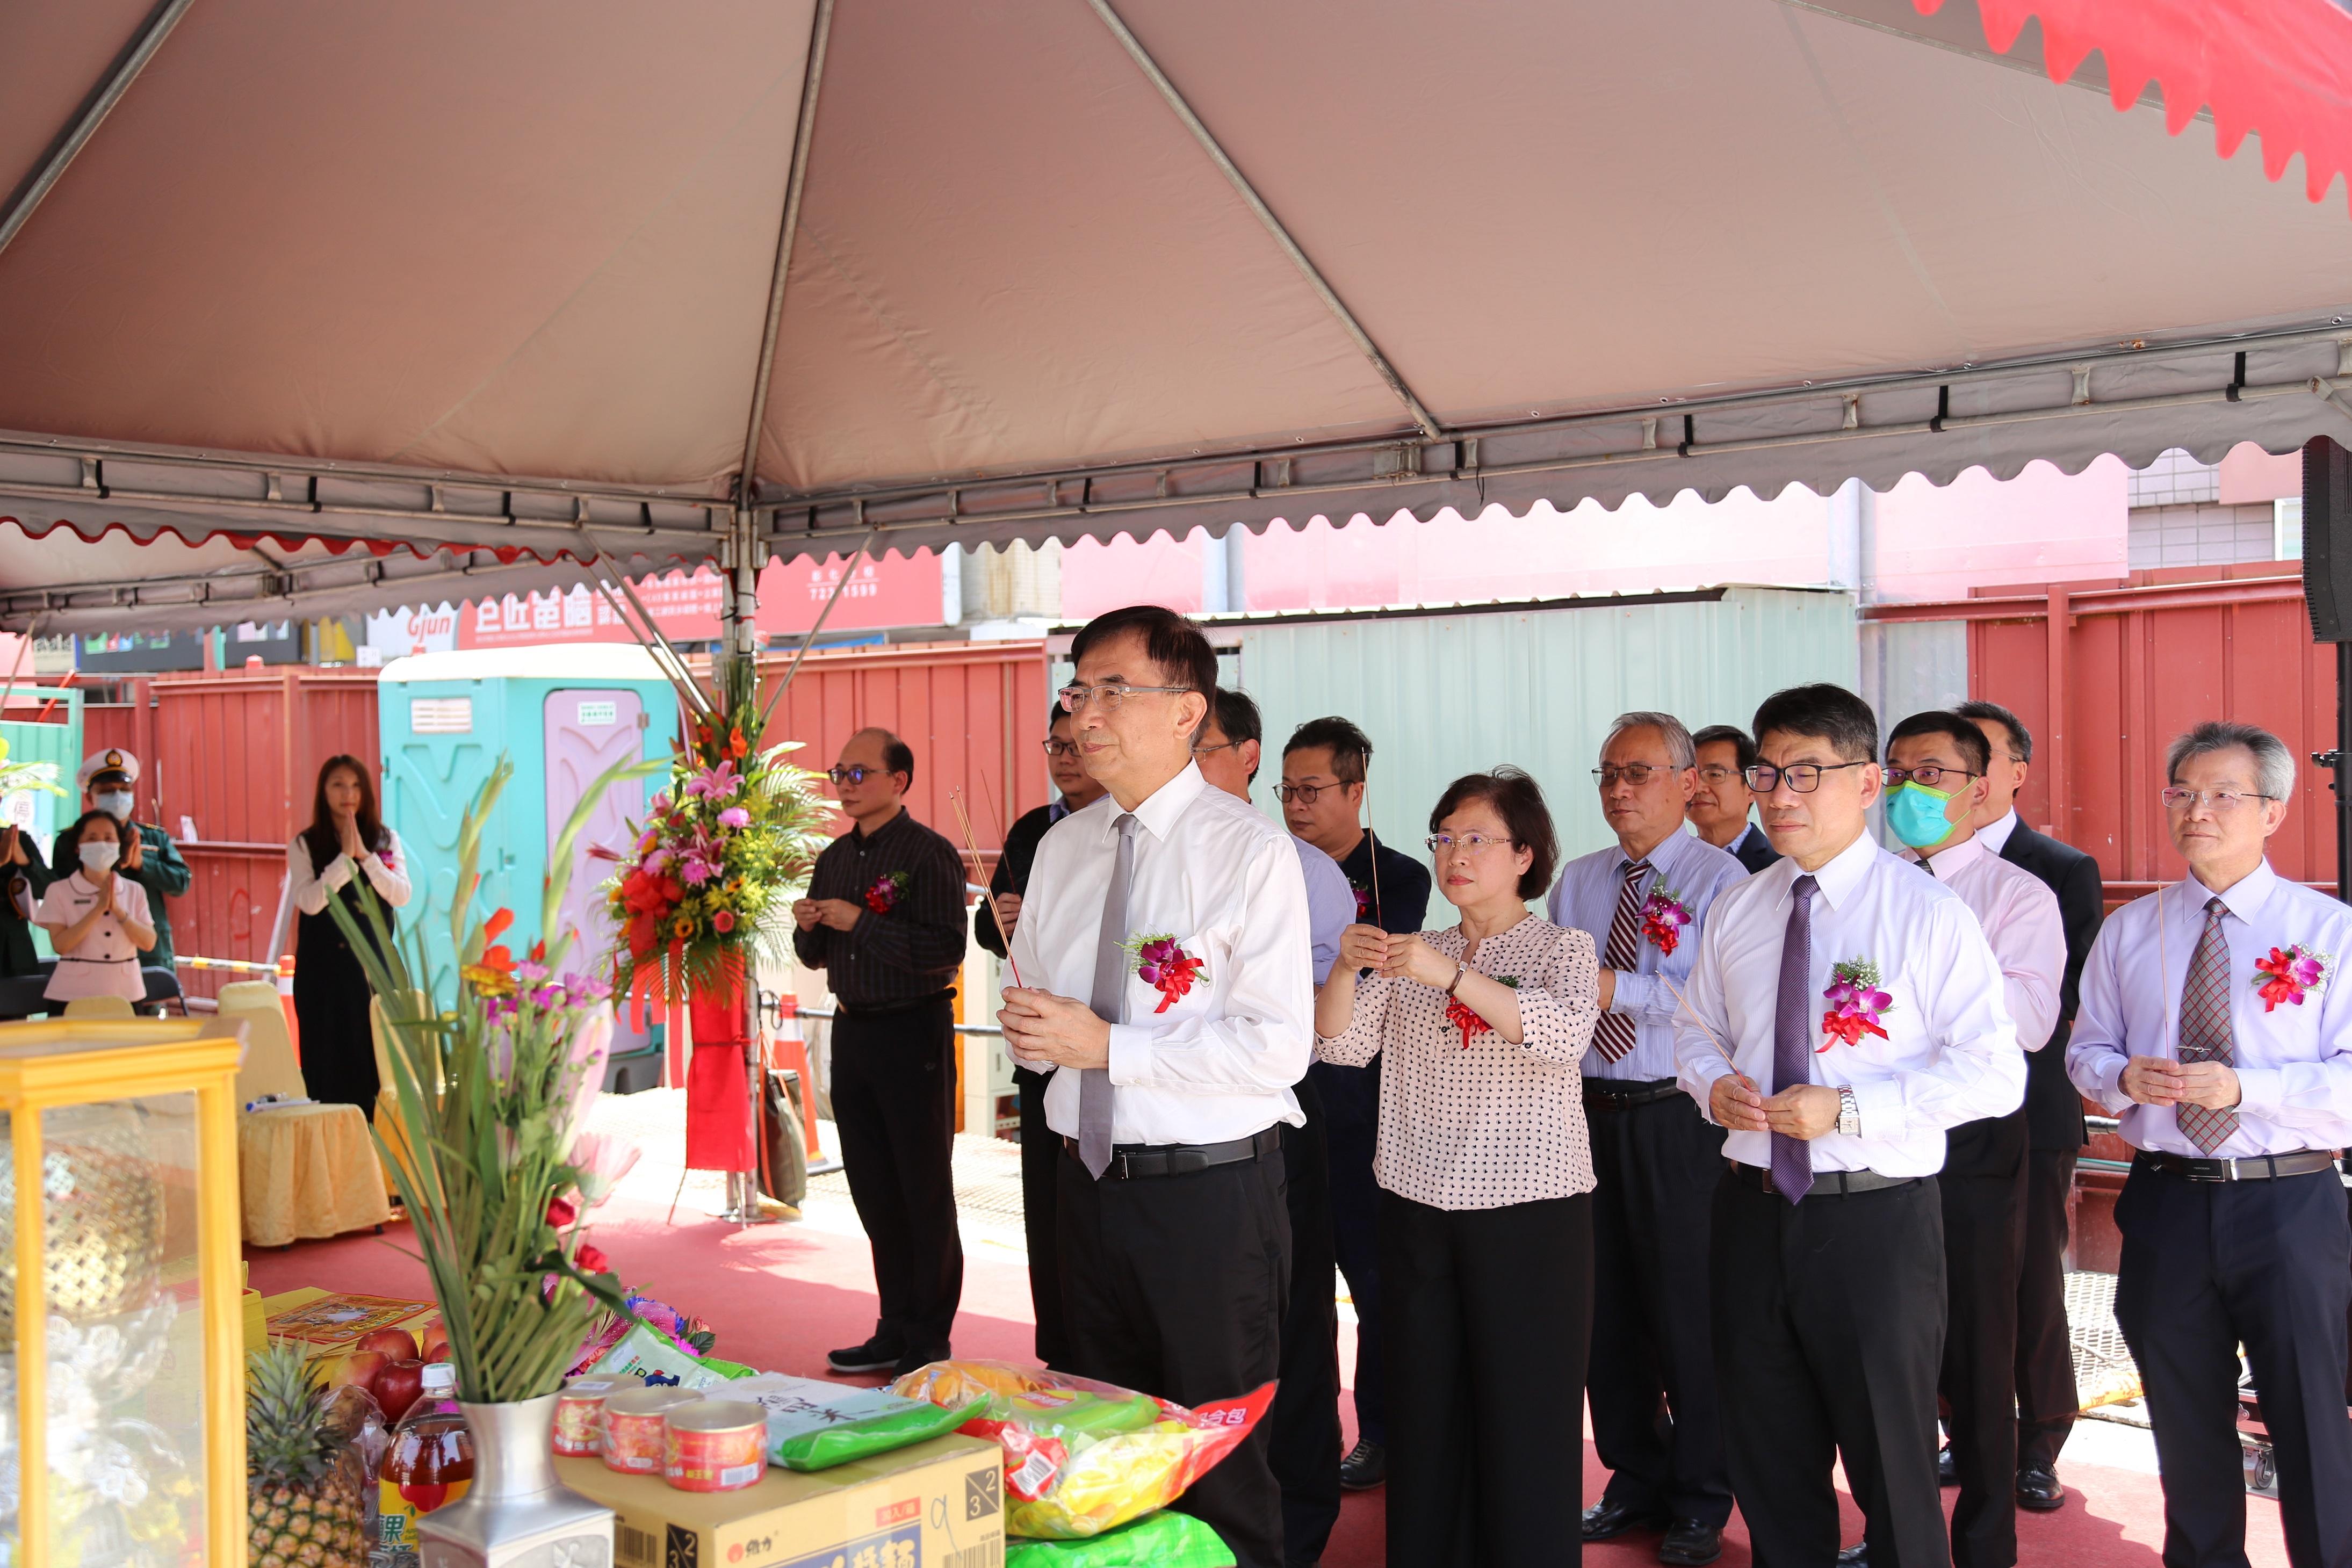 中華郵政公司董事長吳宏謀(前排)與多位貴賓共同上香祈福